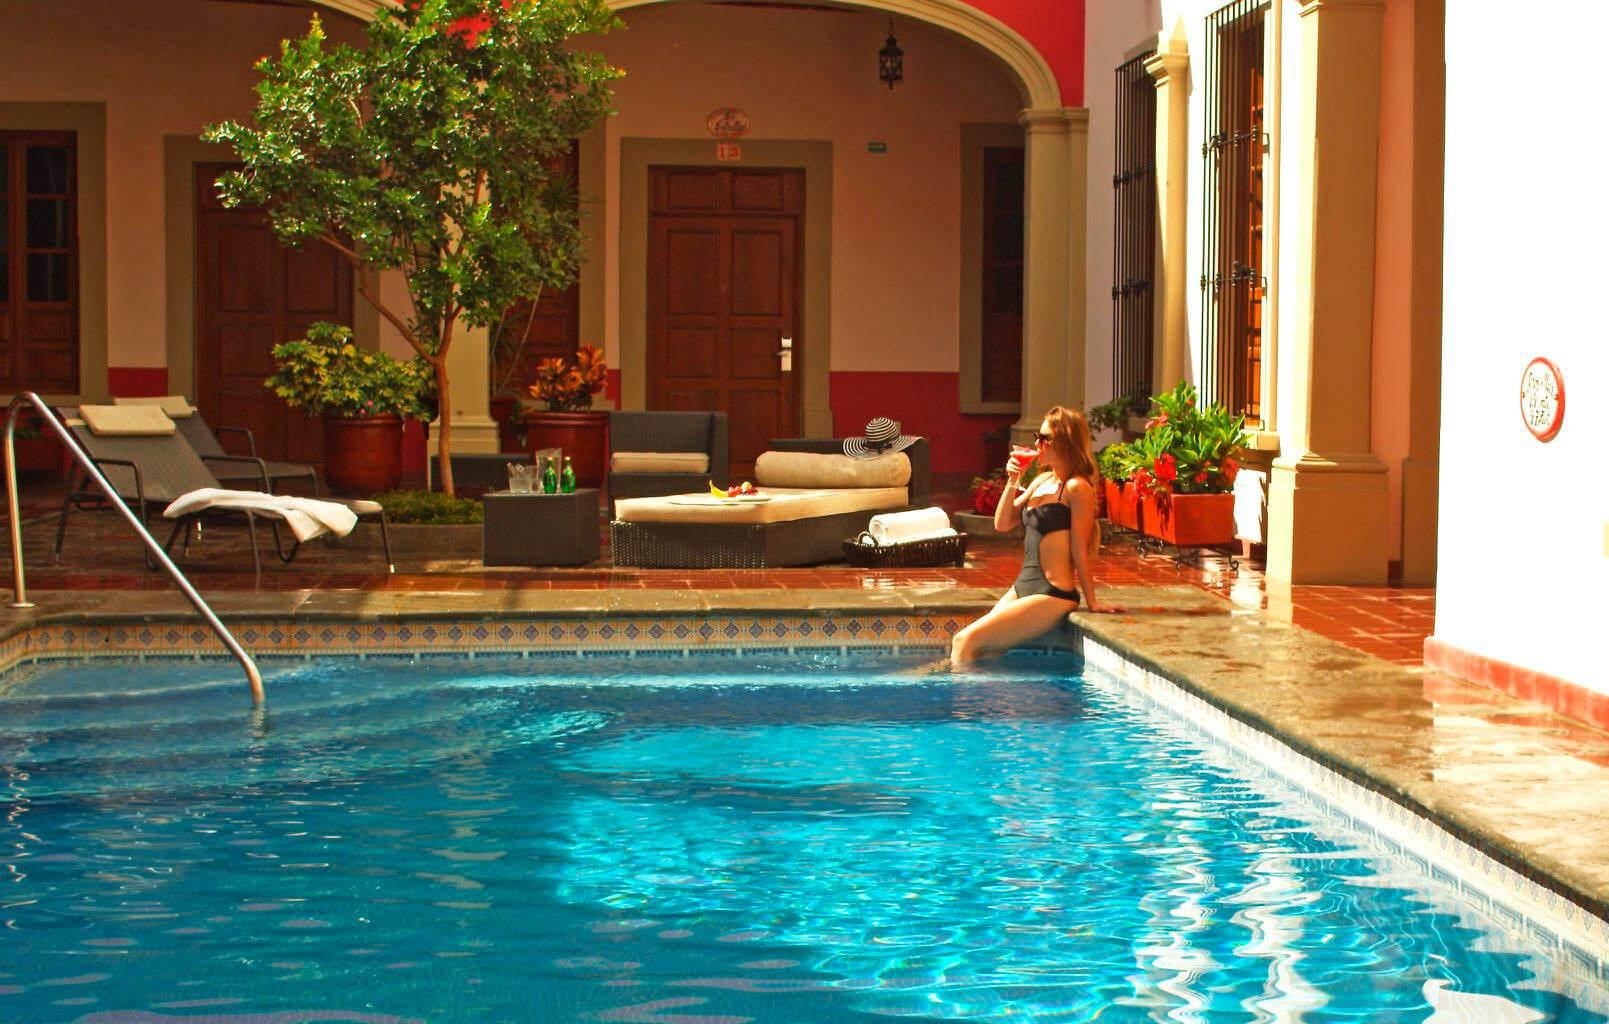 Hoteles-boutique-en-mexico-hoteles-hot-calefaccion-en-las-albercas-de-los-hoteles-boutique-de-mexico